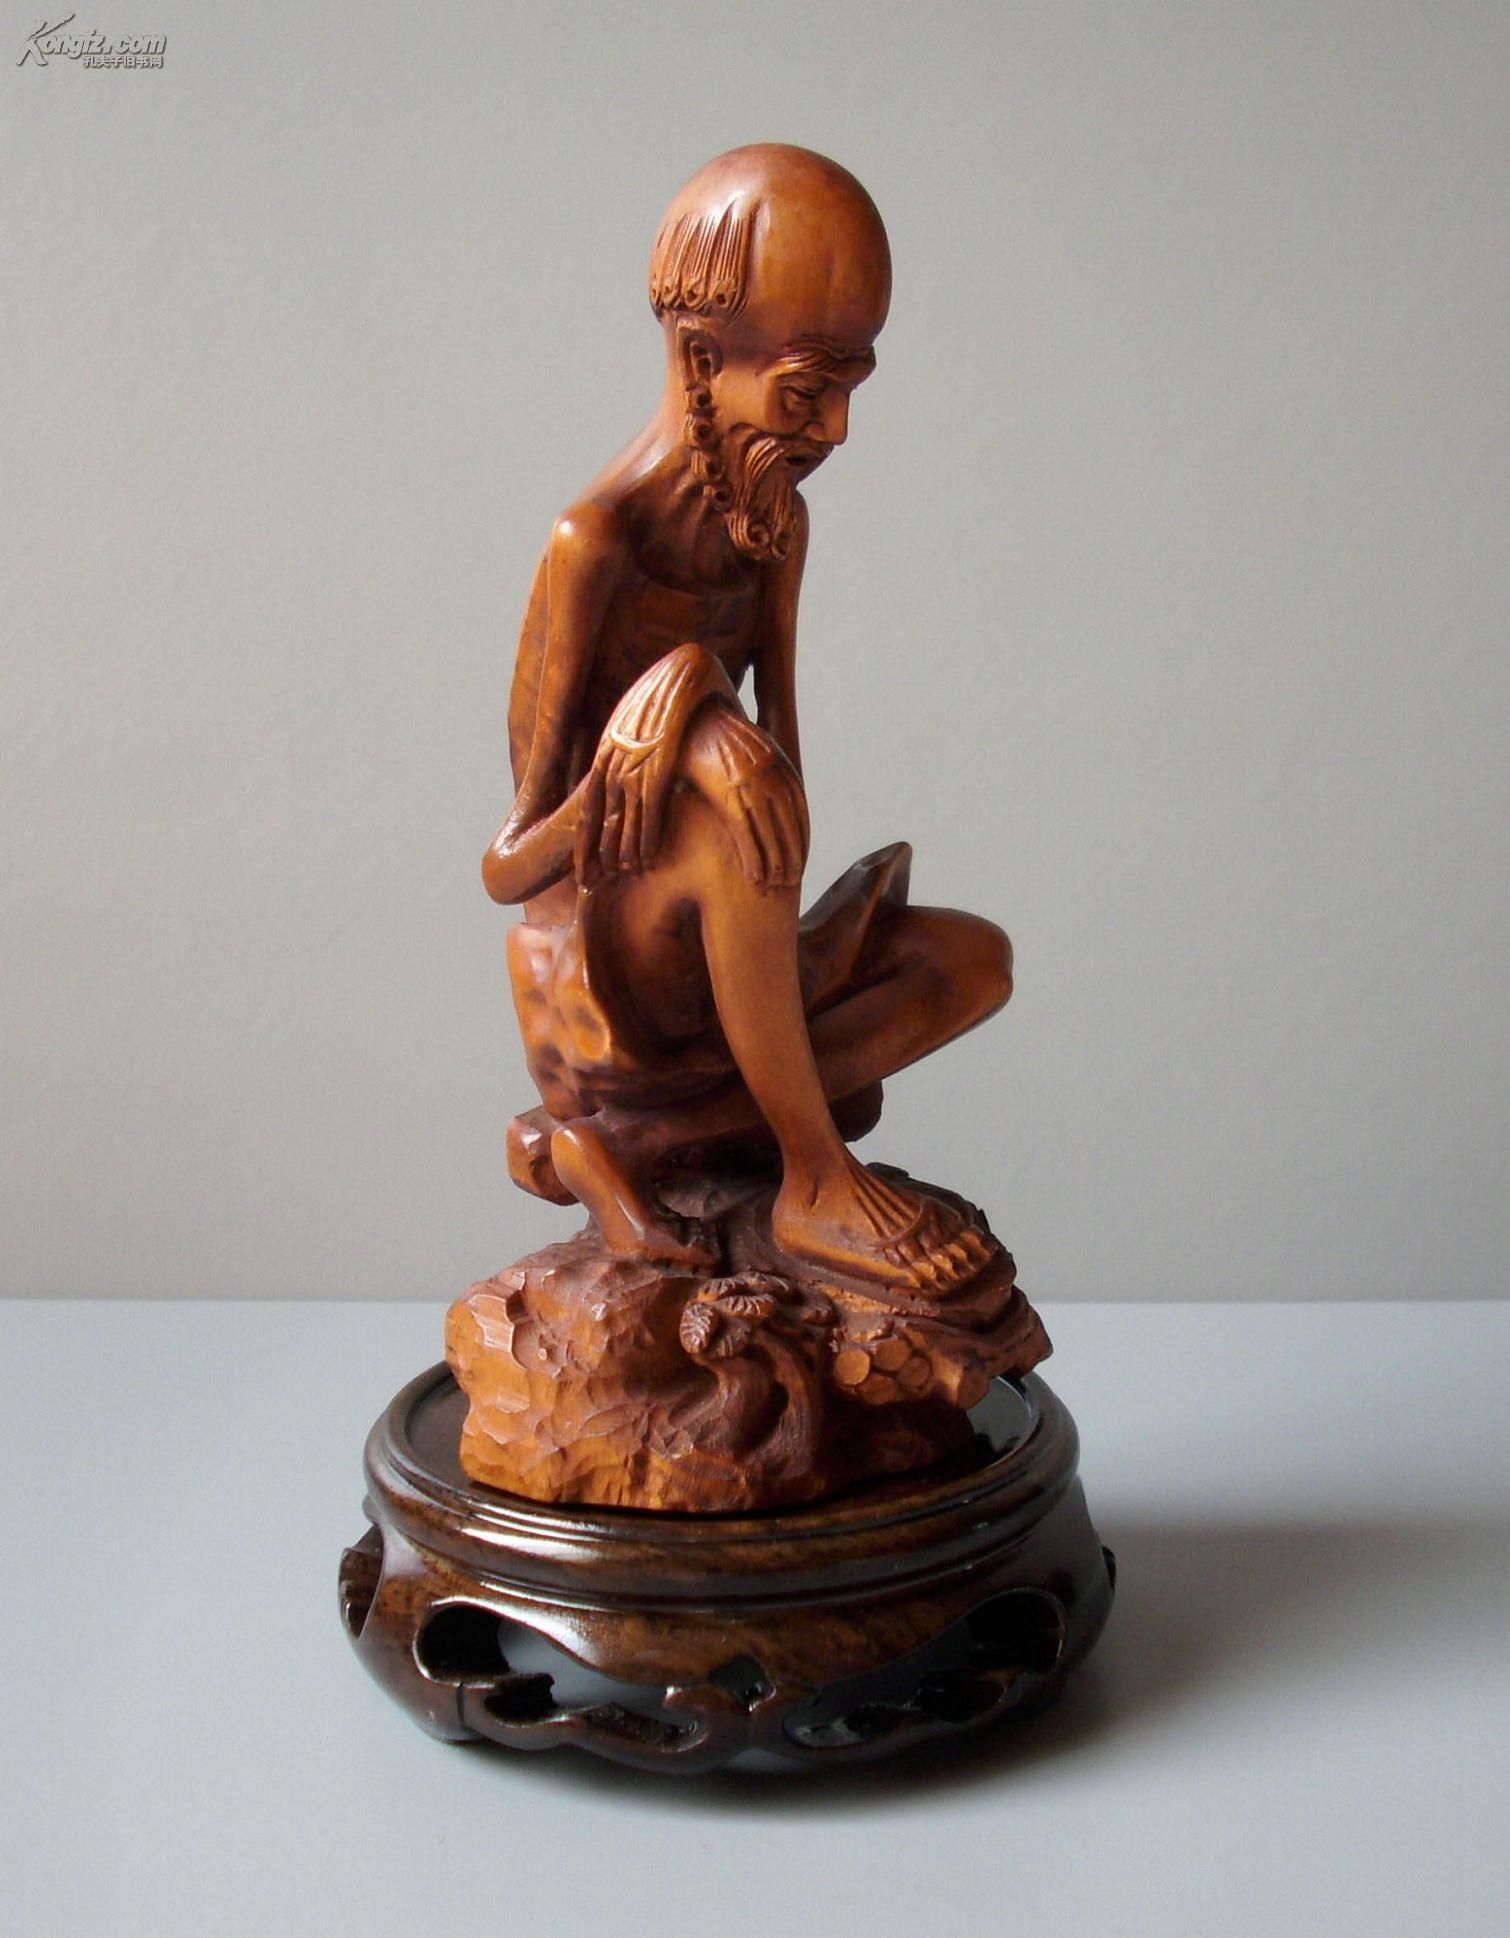 古今精美人物雕刻    18 - h_x_y_123456 - 何晓昱的艺术博客